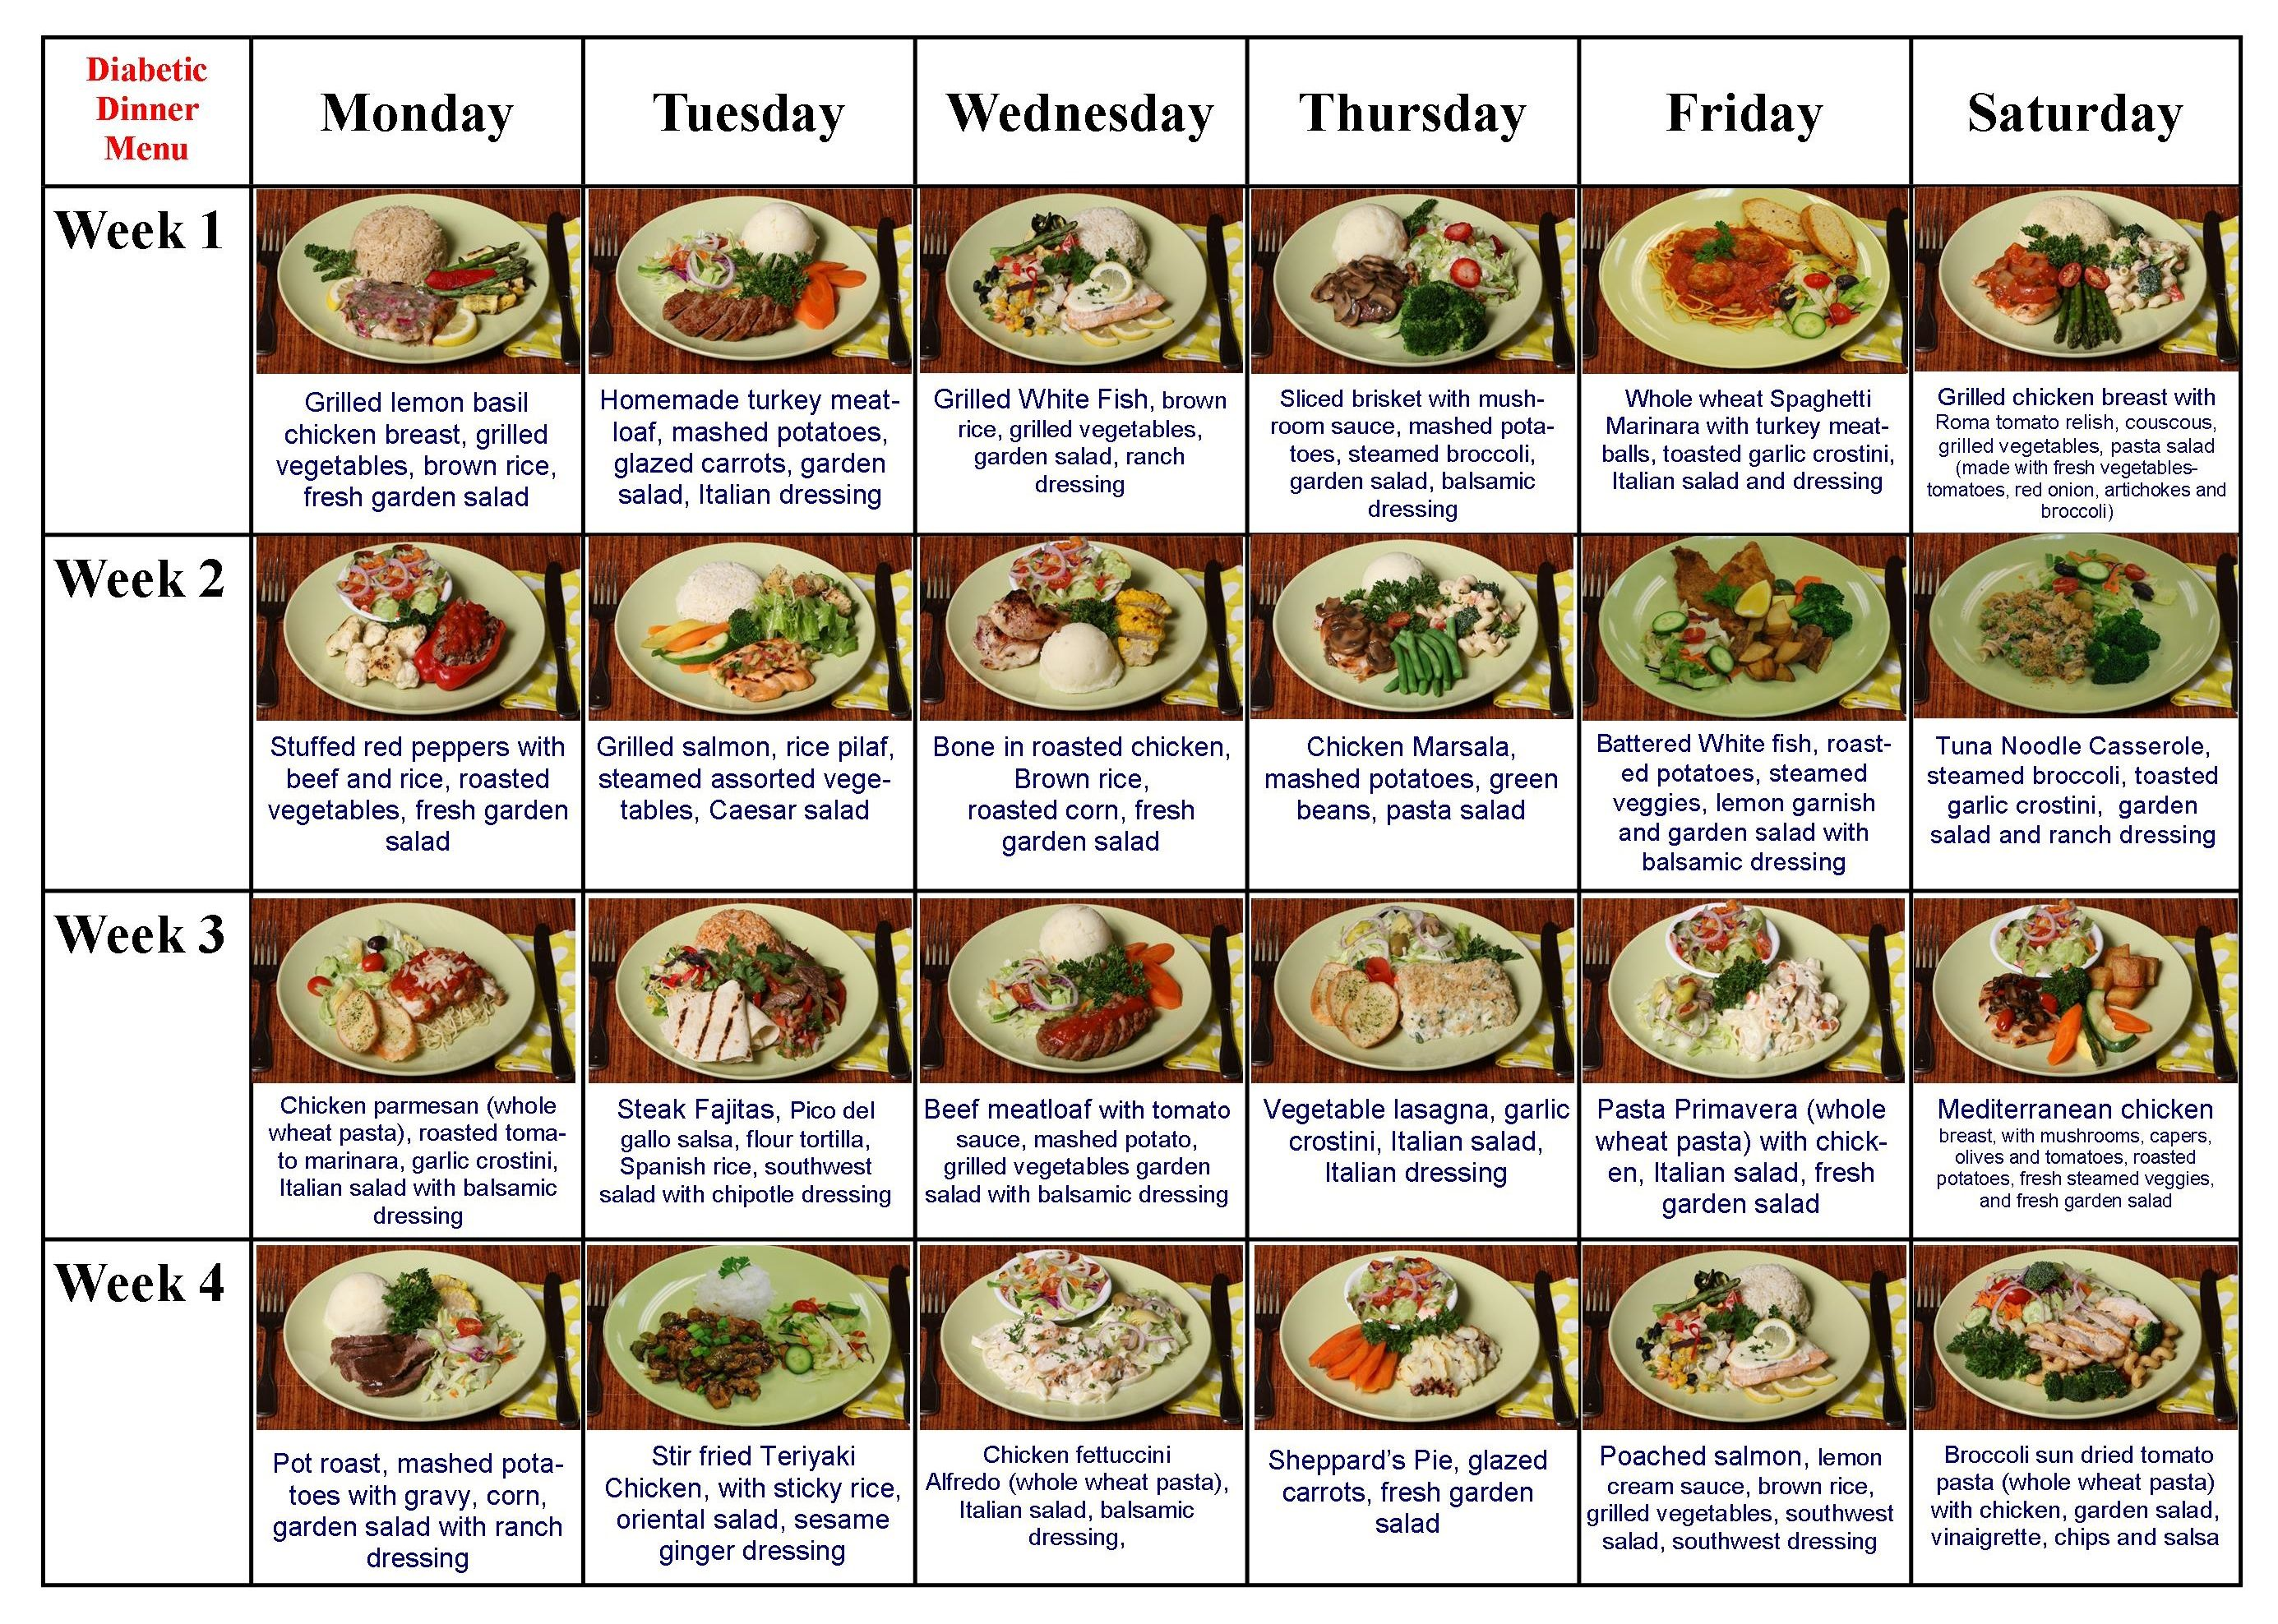 Diabetic Diet & Meals Diabetic Lunch & Dinner Menu at